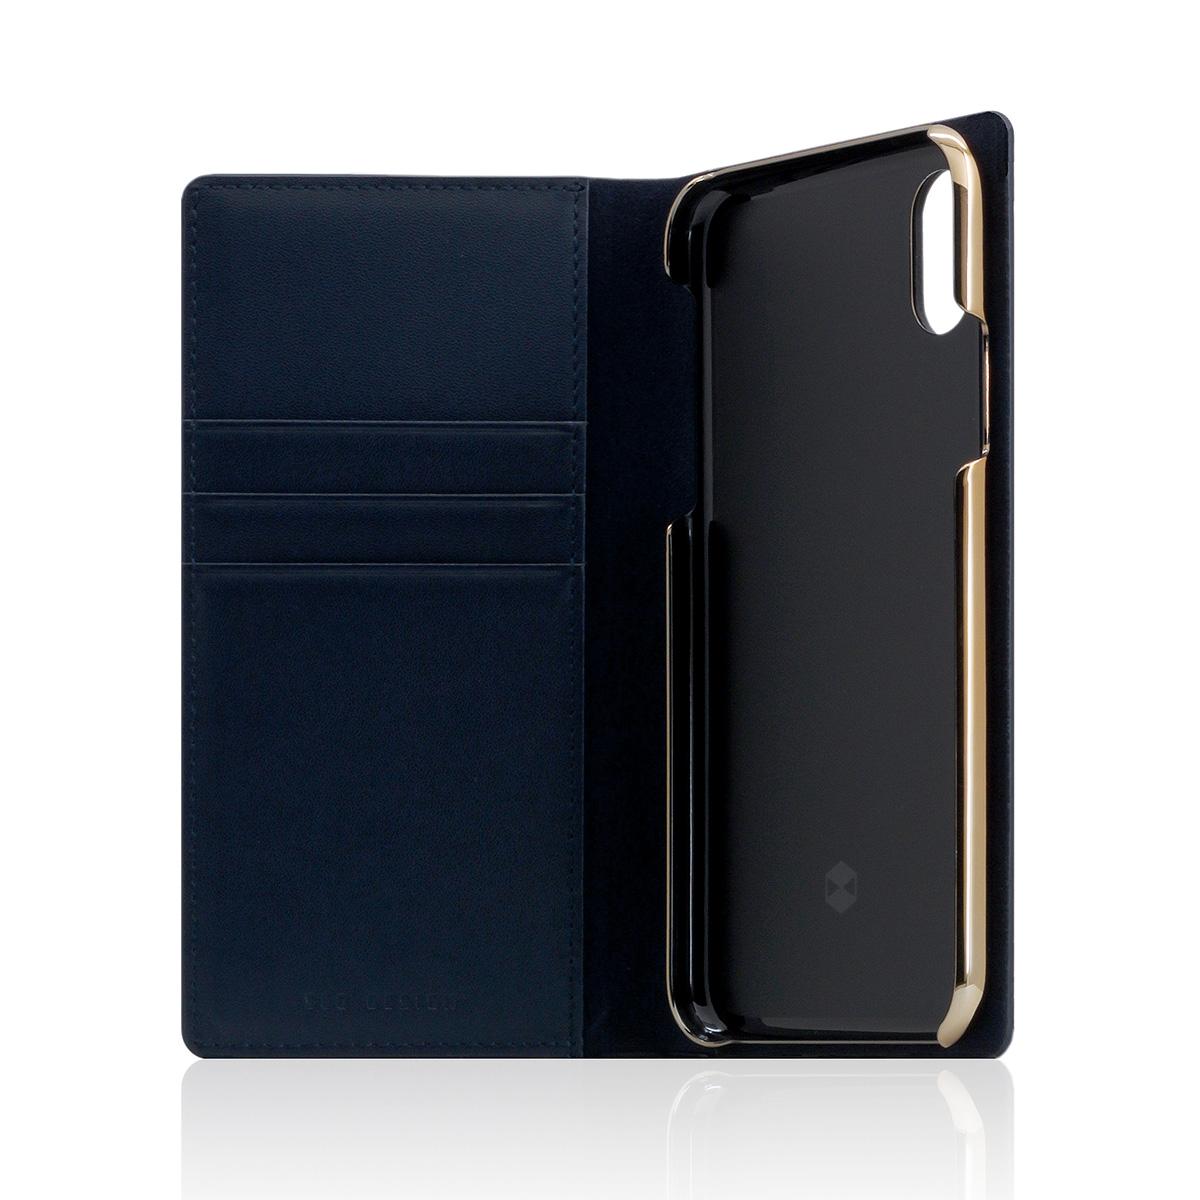 iPhone 11 ケース iPhone XS / X ケース iPhone XR ケース SLG Design Carbon Leather Case 手帳型 本革 (エスエルジー カーボンレザーケース)アイフォン カバー レザー